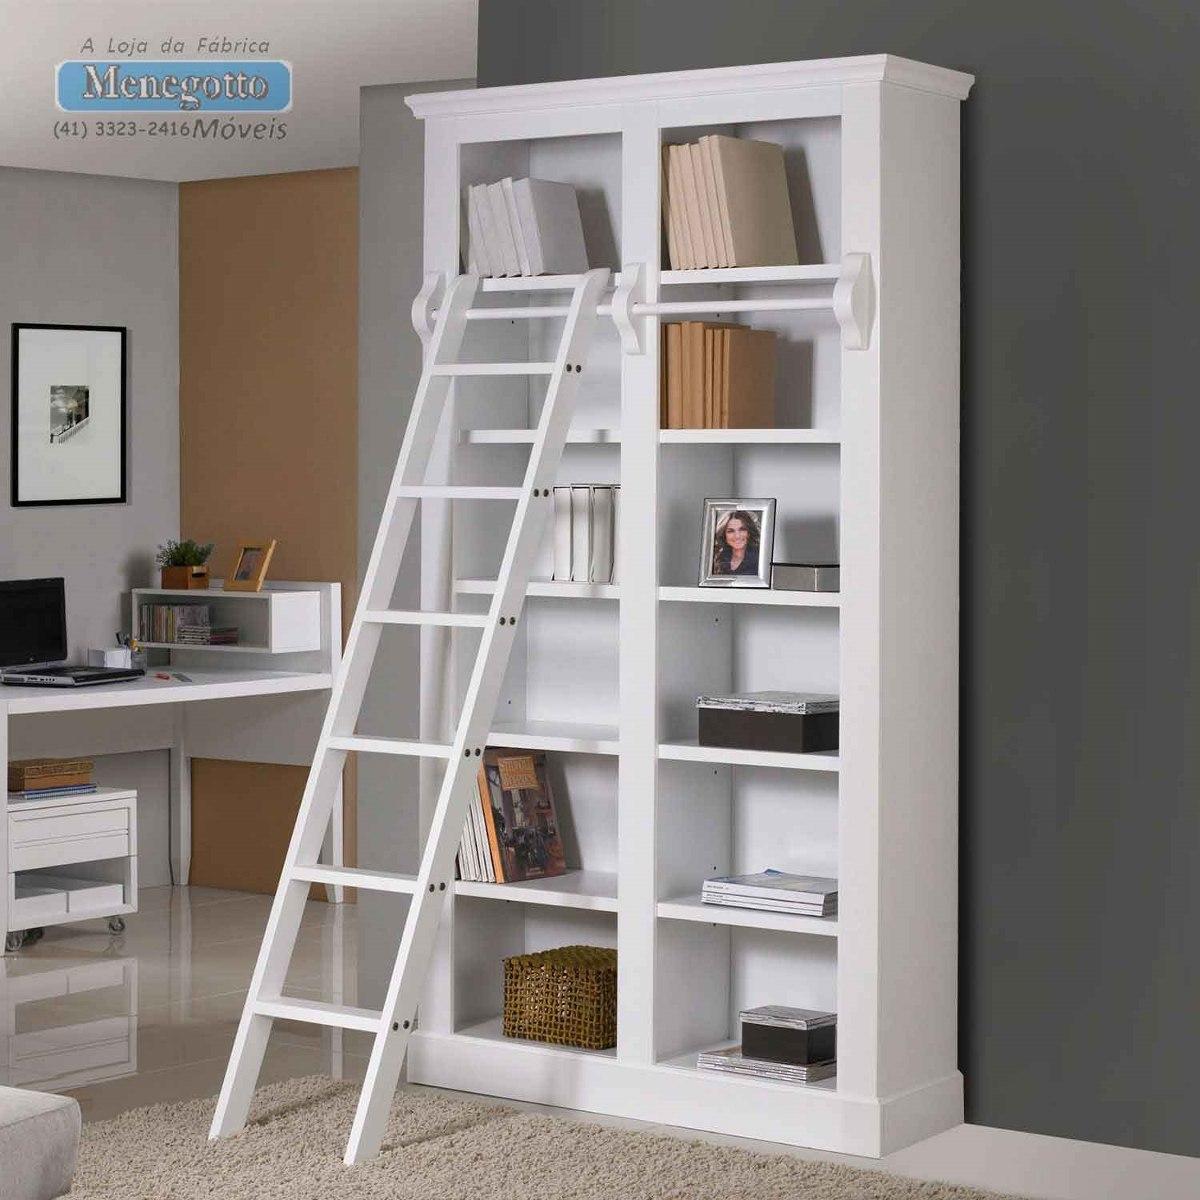 estante-de-livros-bibliotecaprateleiras-estante-cristale-D_NQ_NP_21406-MLB20211431564_122014-F.jpg